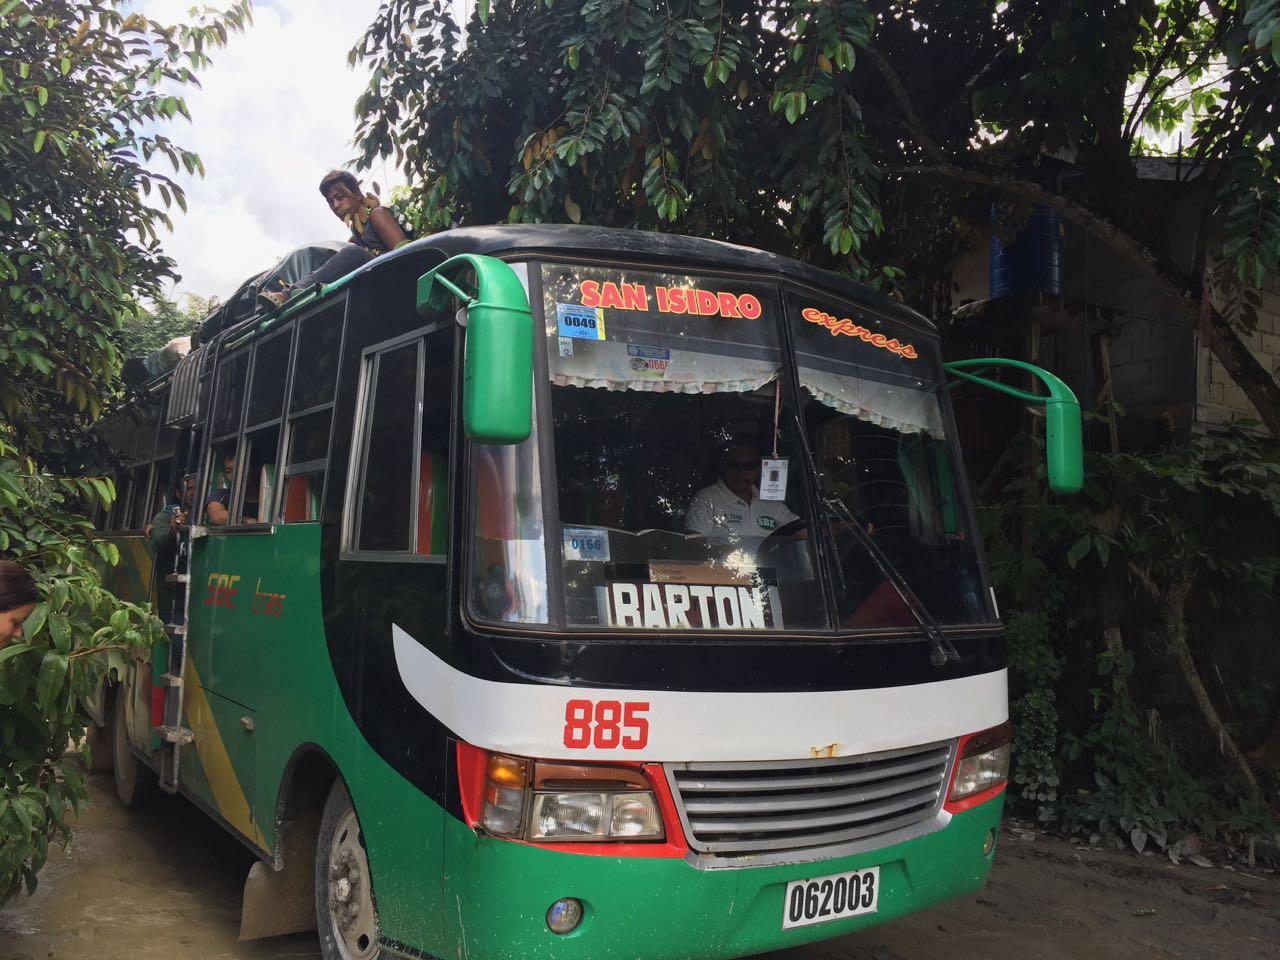 FILIPPINE Trasporti interni - Come muoversi nelle Filippine con i bus